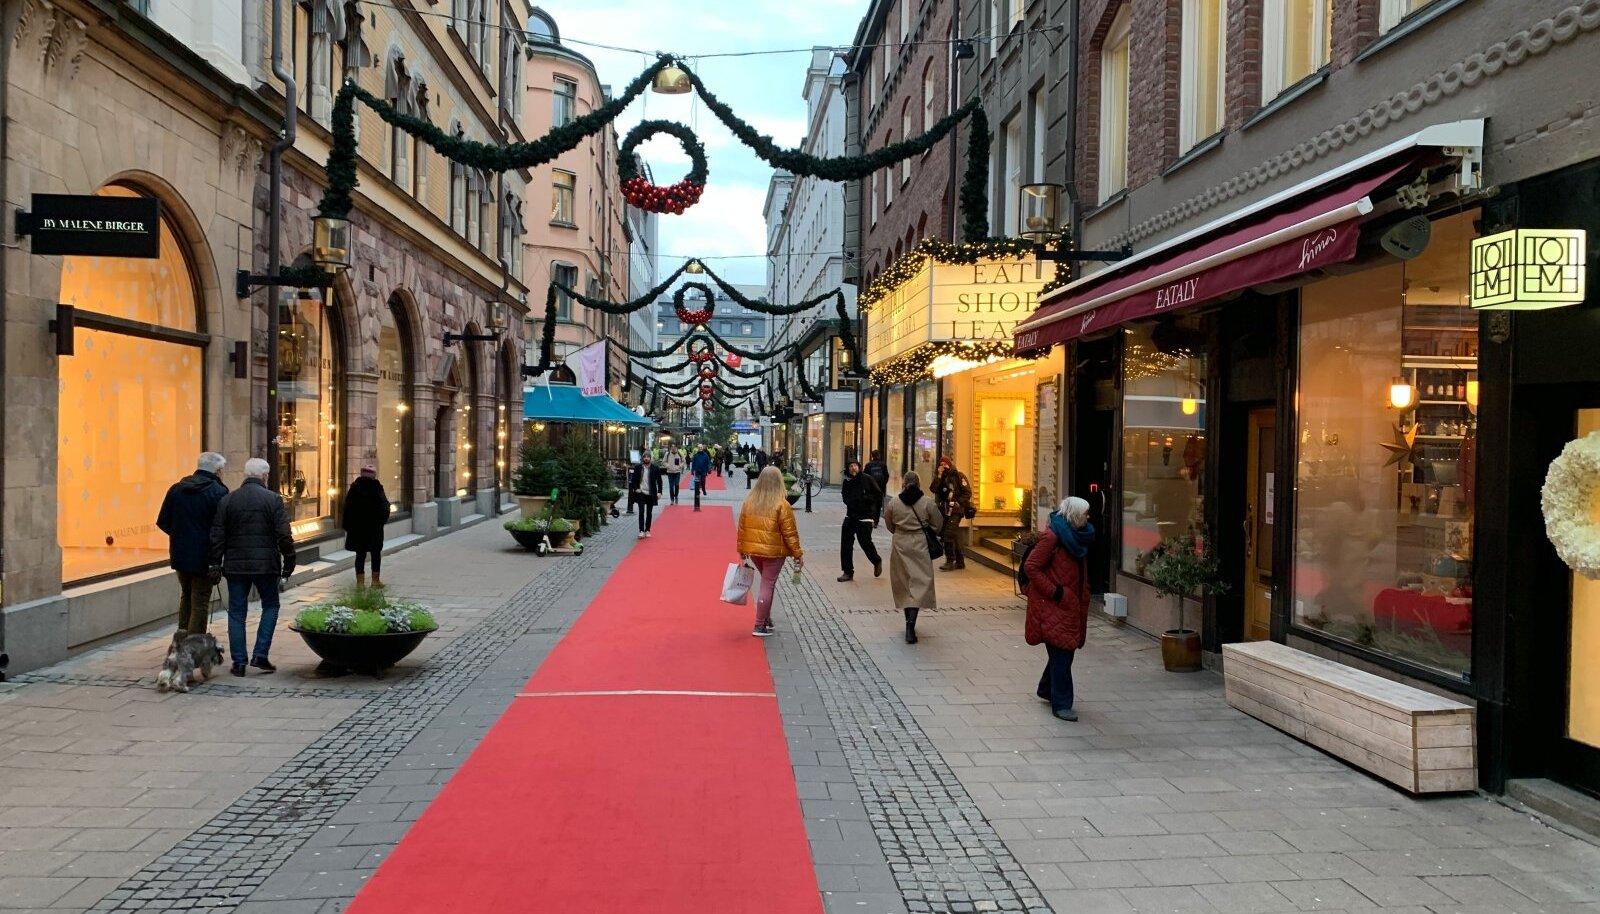 Stockholmi tänavad on inimestest üsna tühjad.